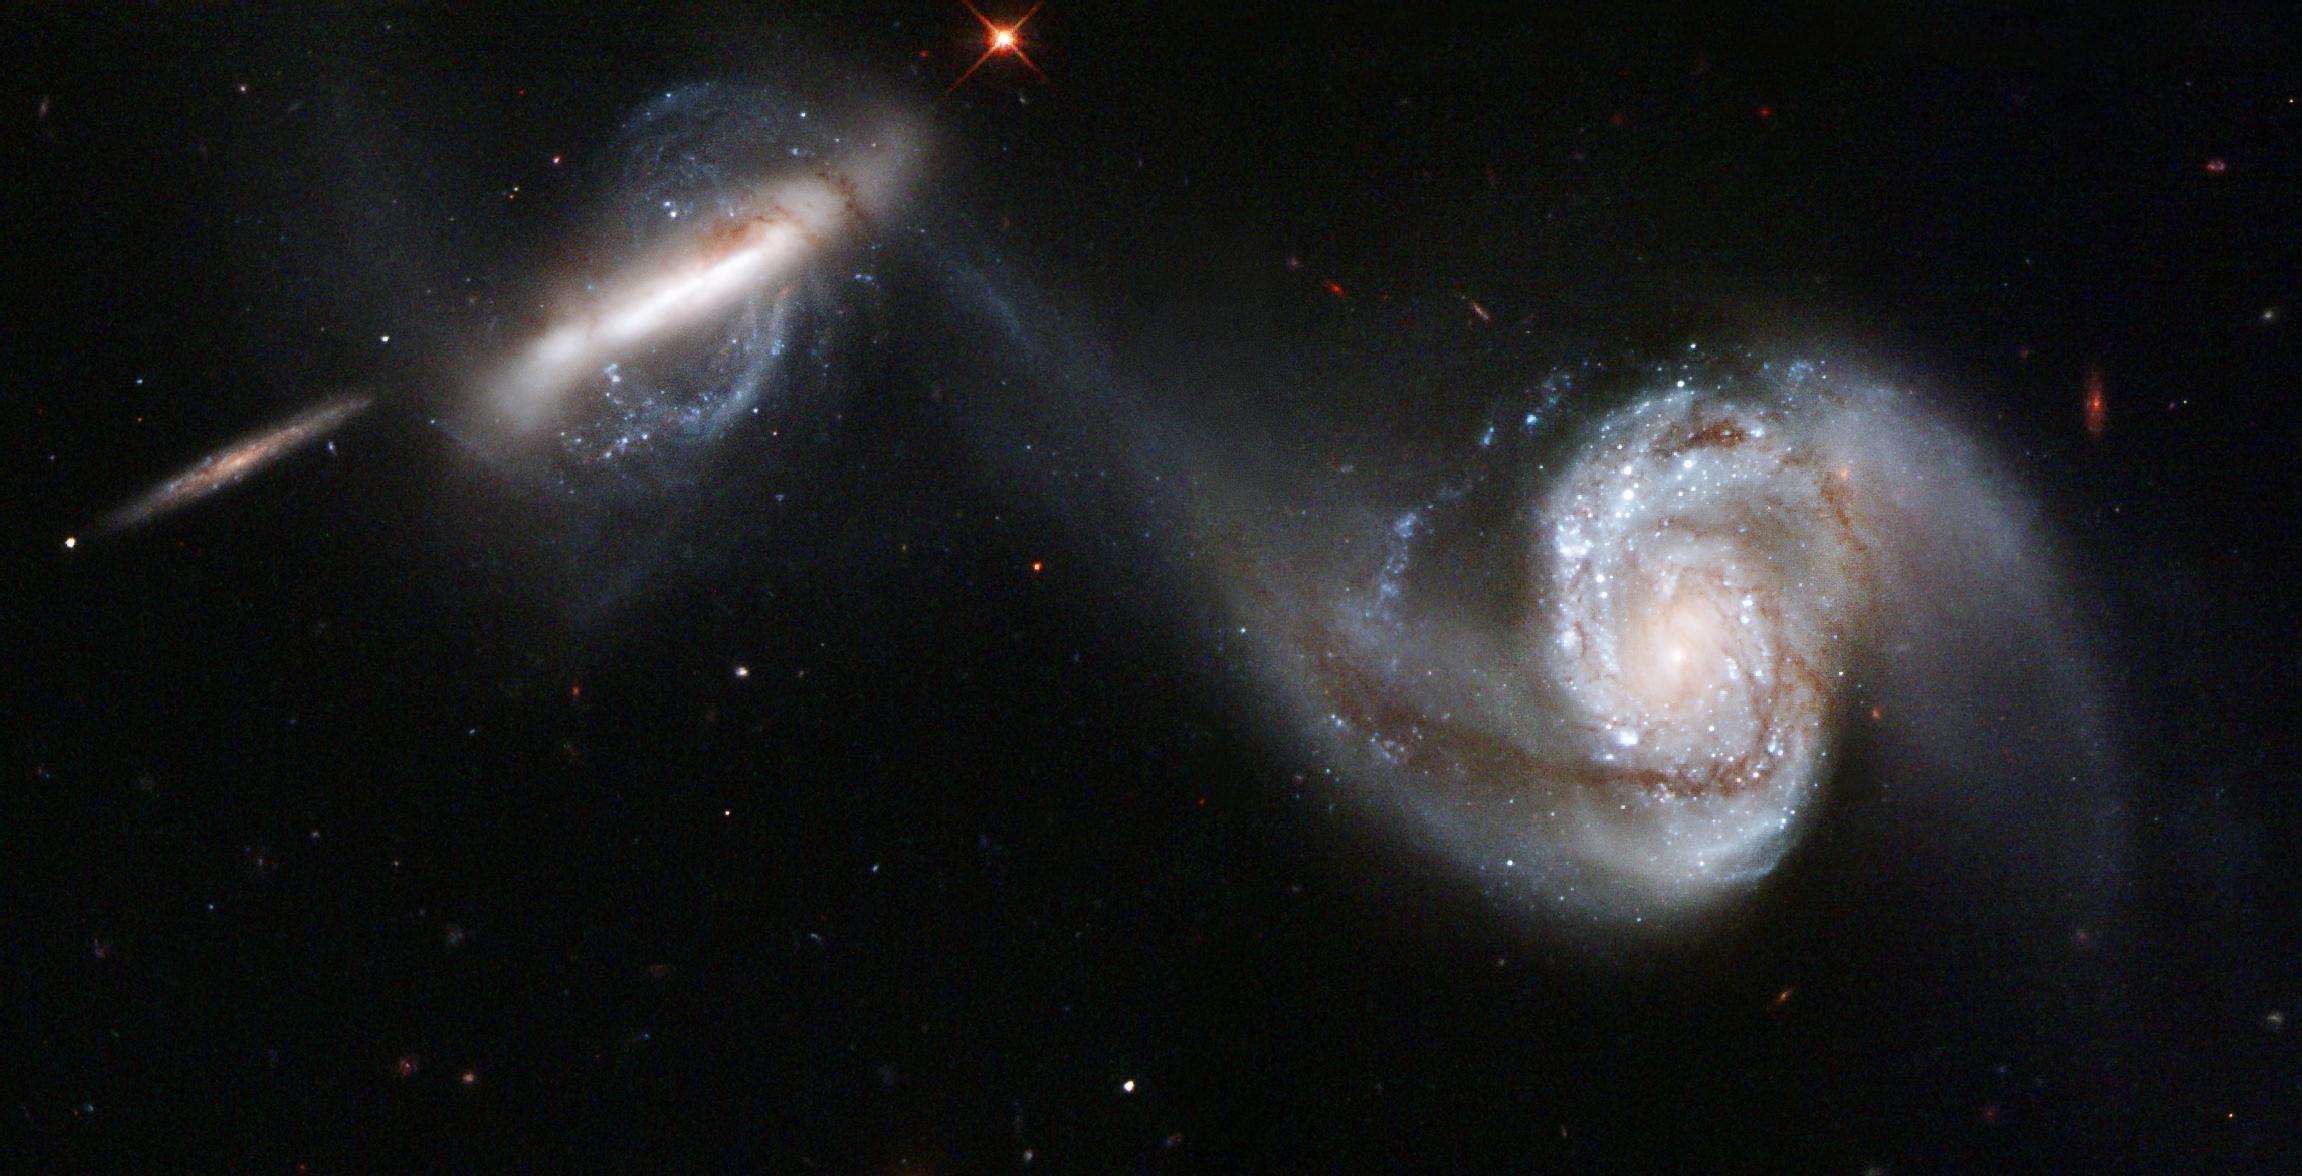 stars from nasa - photo #41